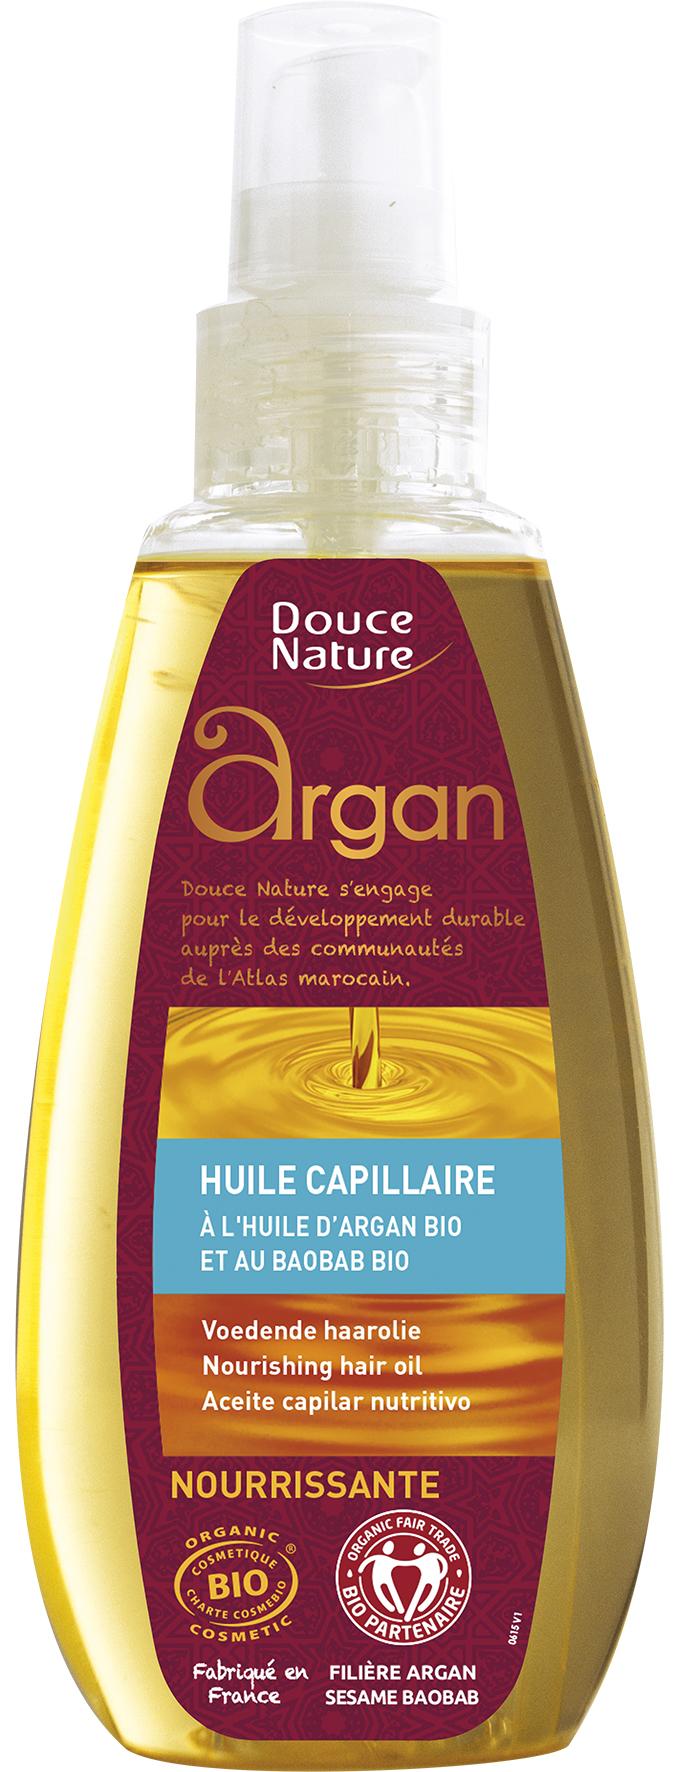 Huile capillaire nourrissante aux huiles d'argan et de baobab BIO, Douce Nature (160 ml)